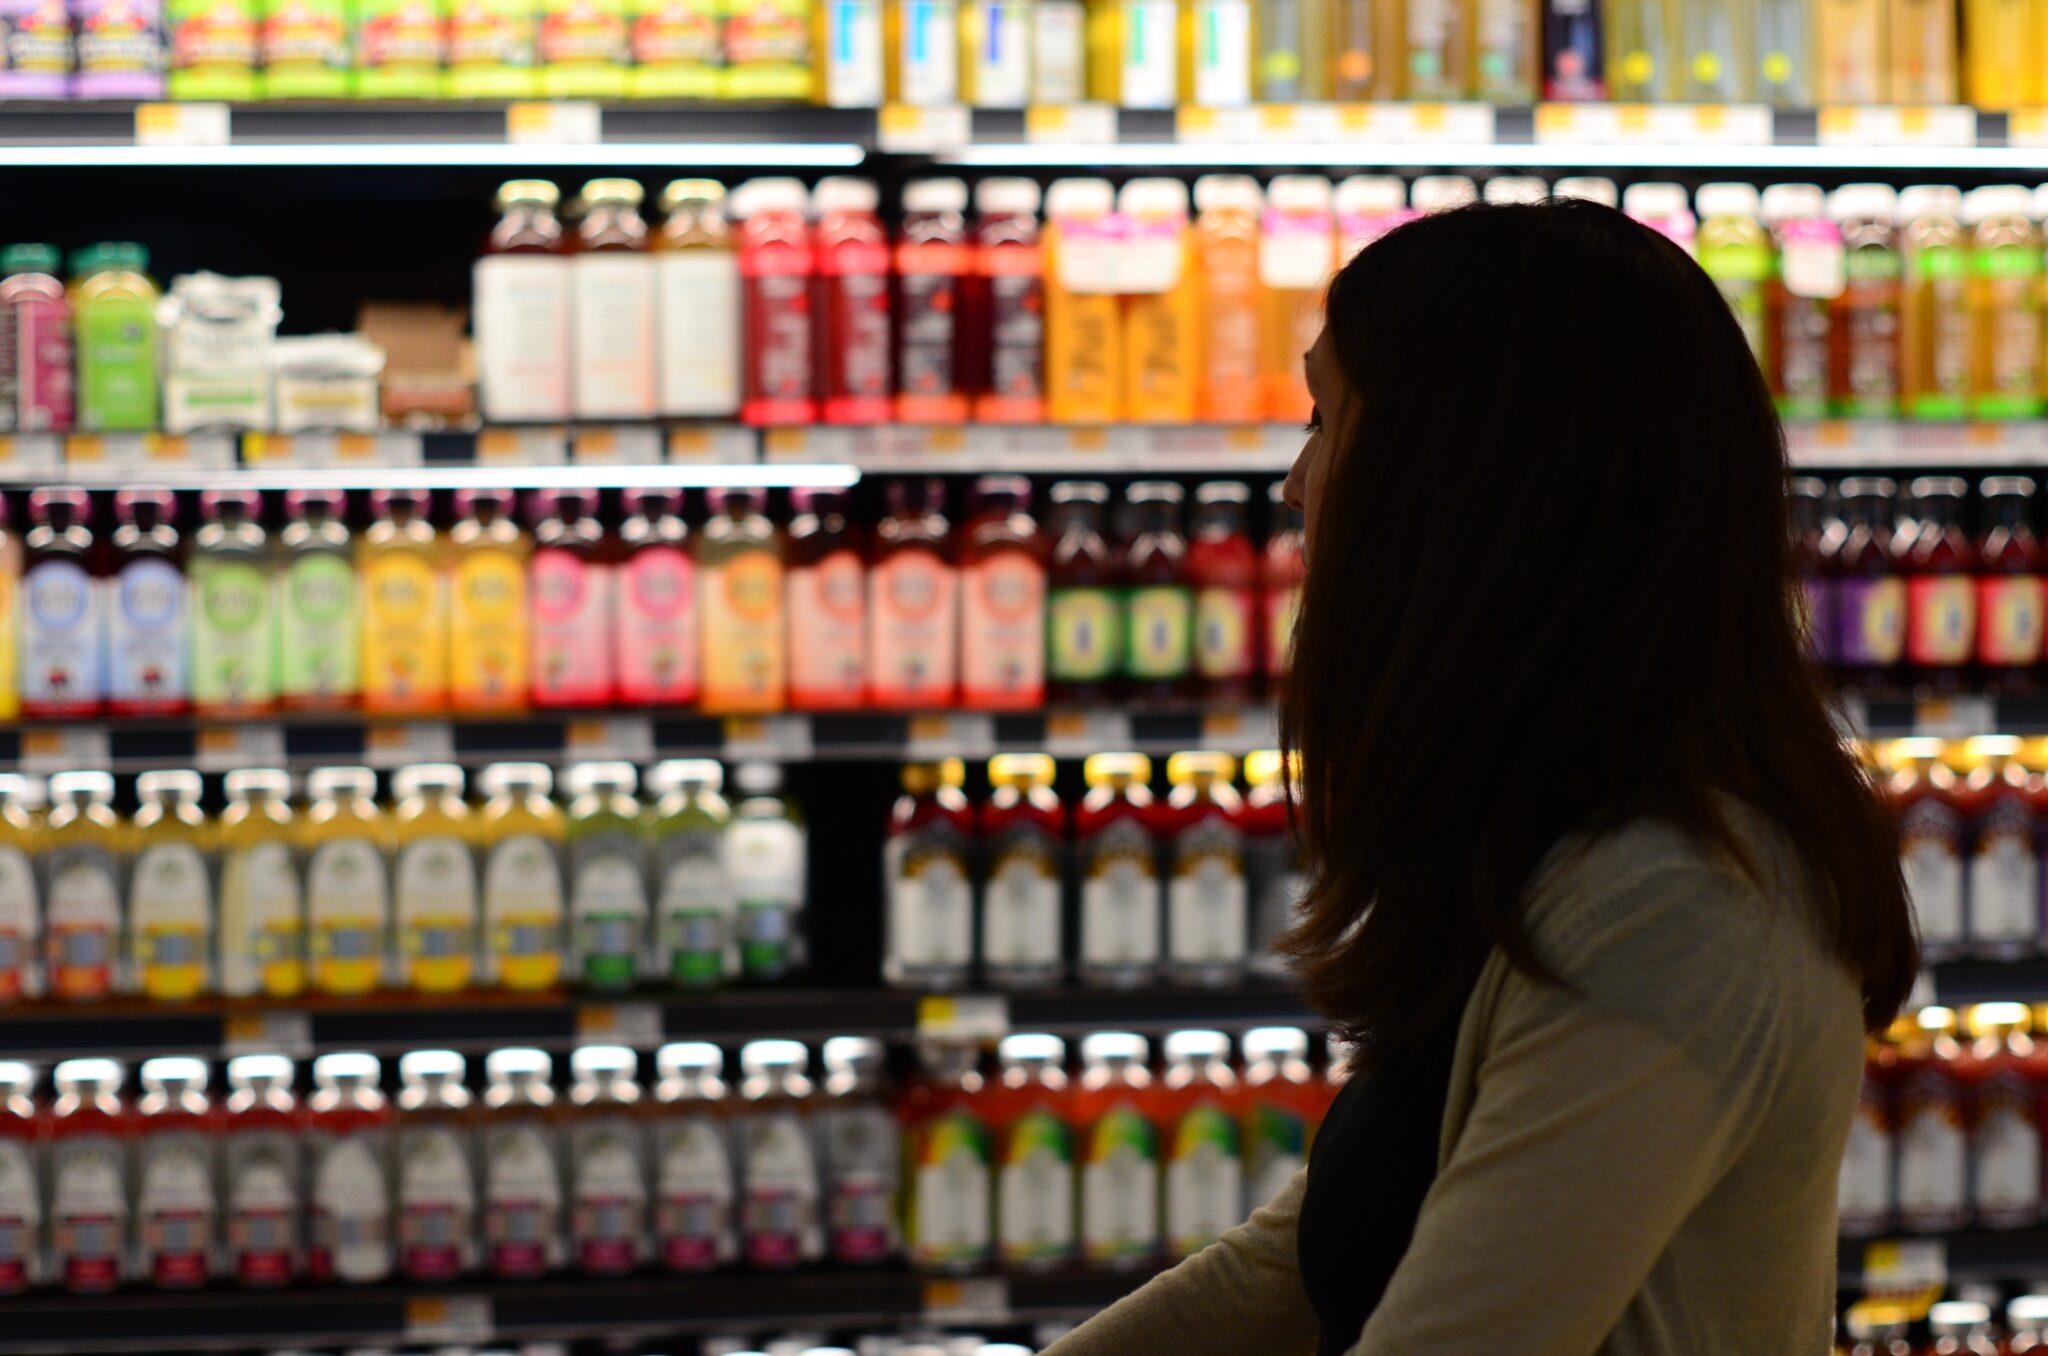 Frau vor einem Getränkeregal im Supermarkt